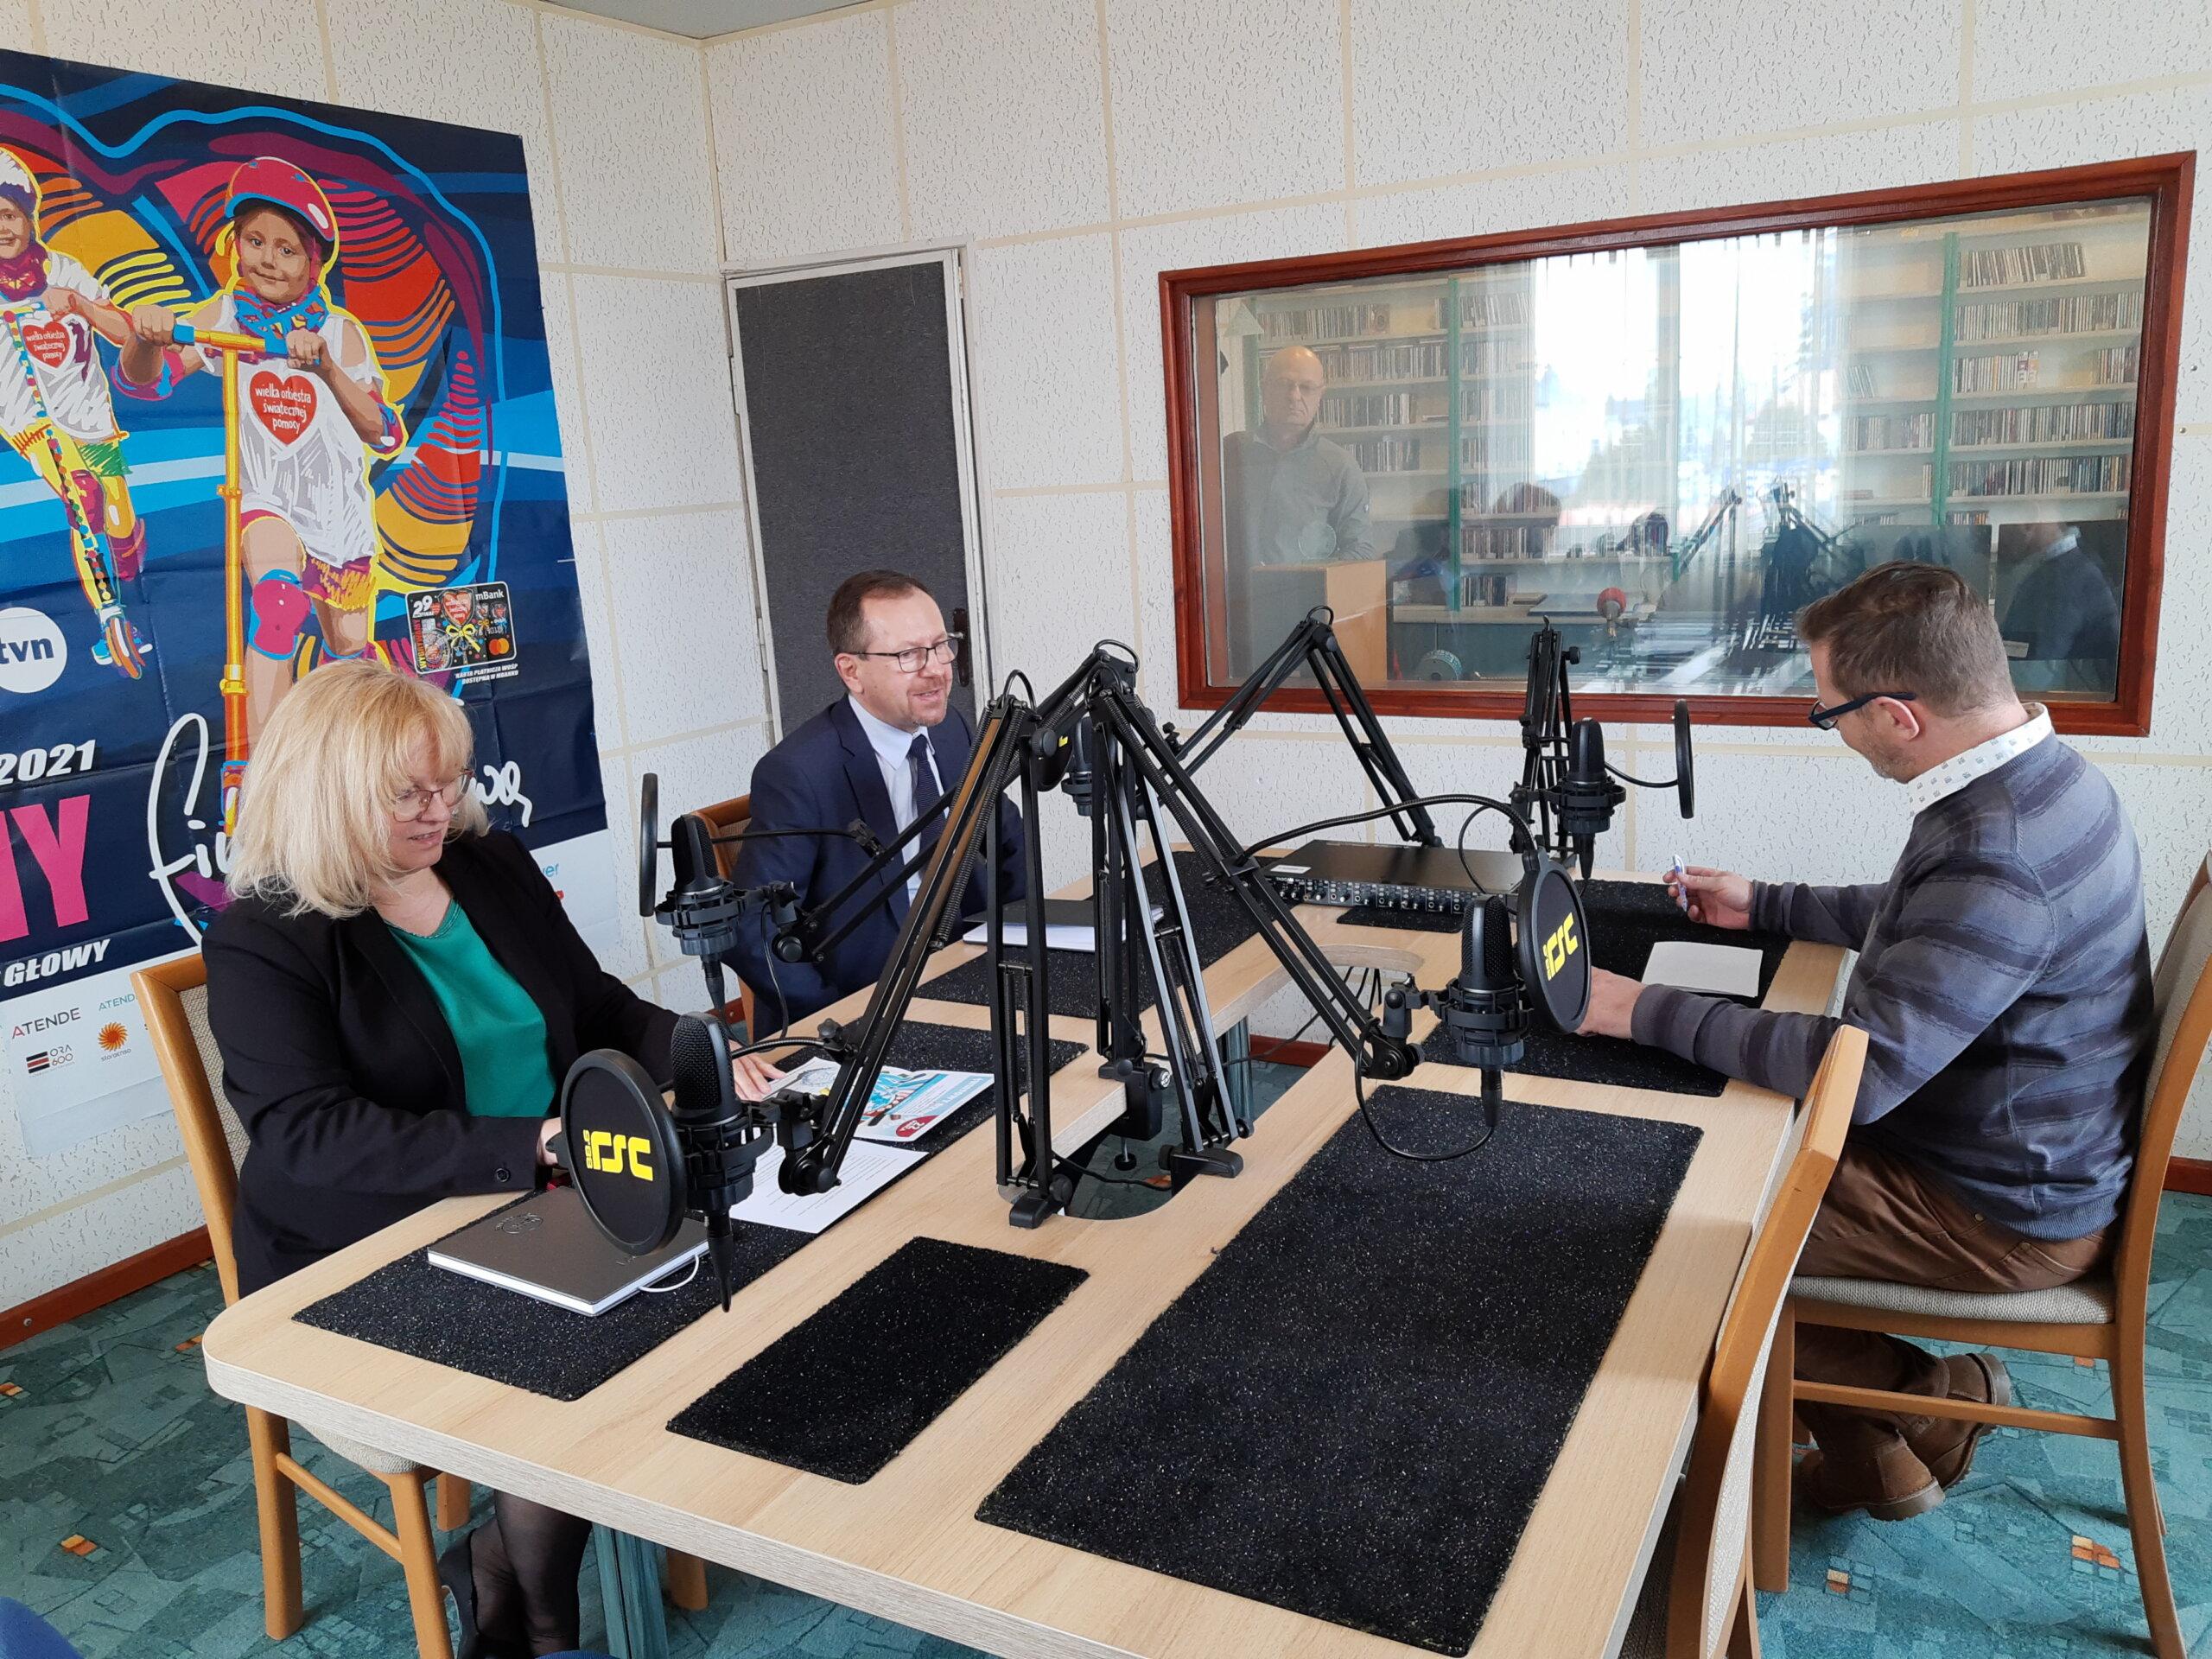 Na zdjęciu Dyrektor ds. Ekonomicznych Jolanta Gajda, Dyrektor Techniczny Tomasz Duda, udzielający wywiadu w Radiu RSC redaktorowi Maciejowi Bąbie